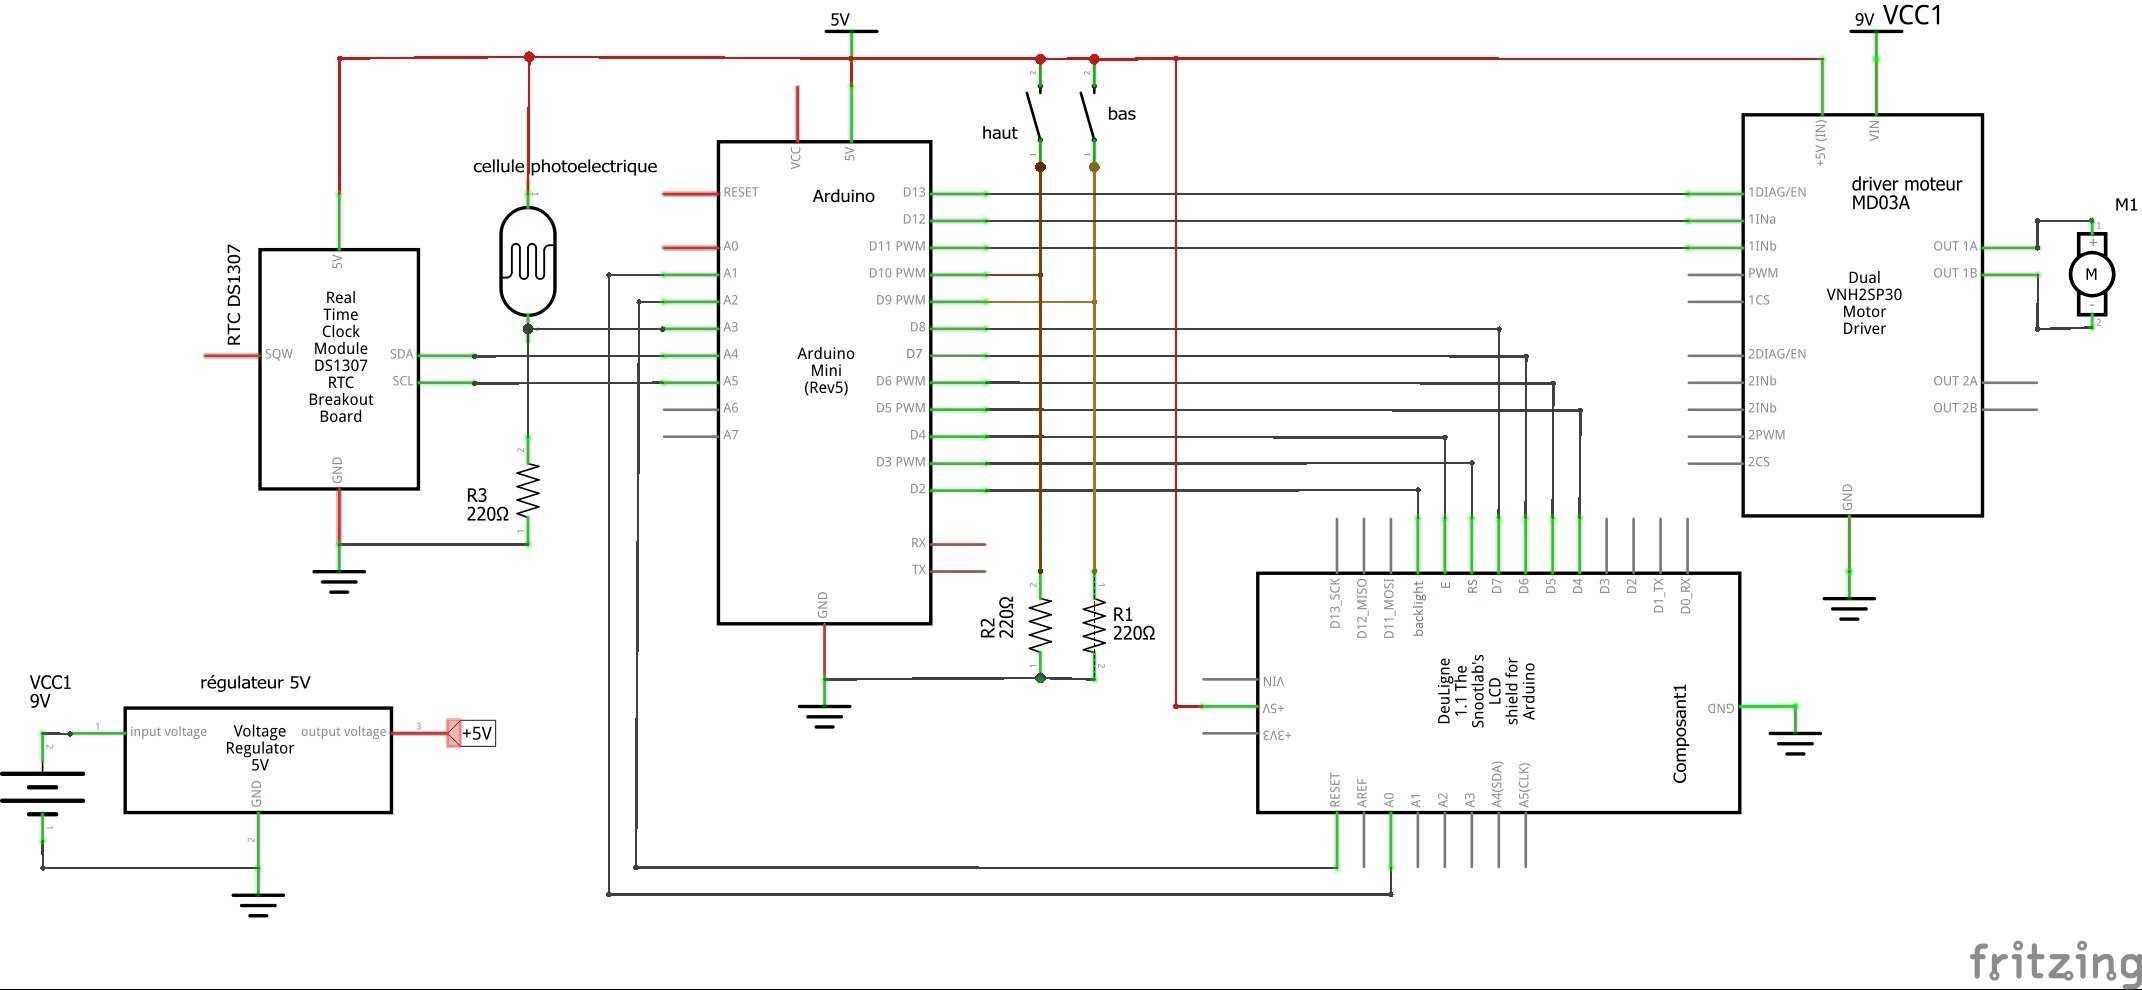 Medium poulailler schema cablage